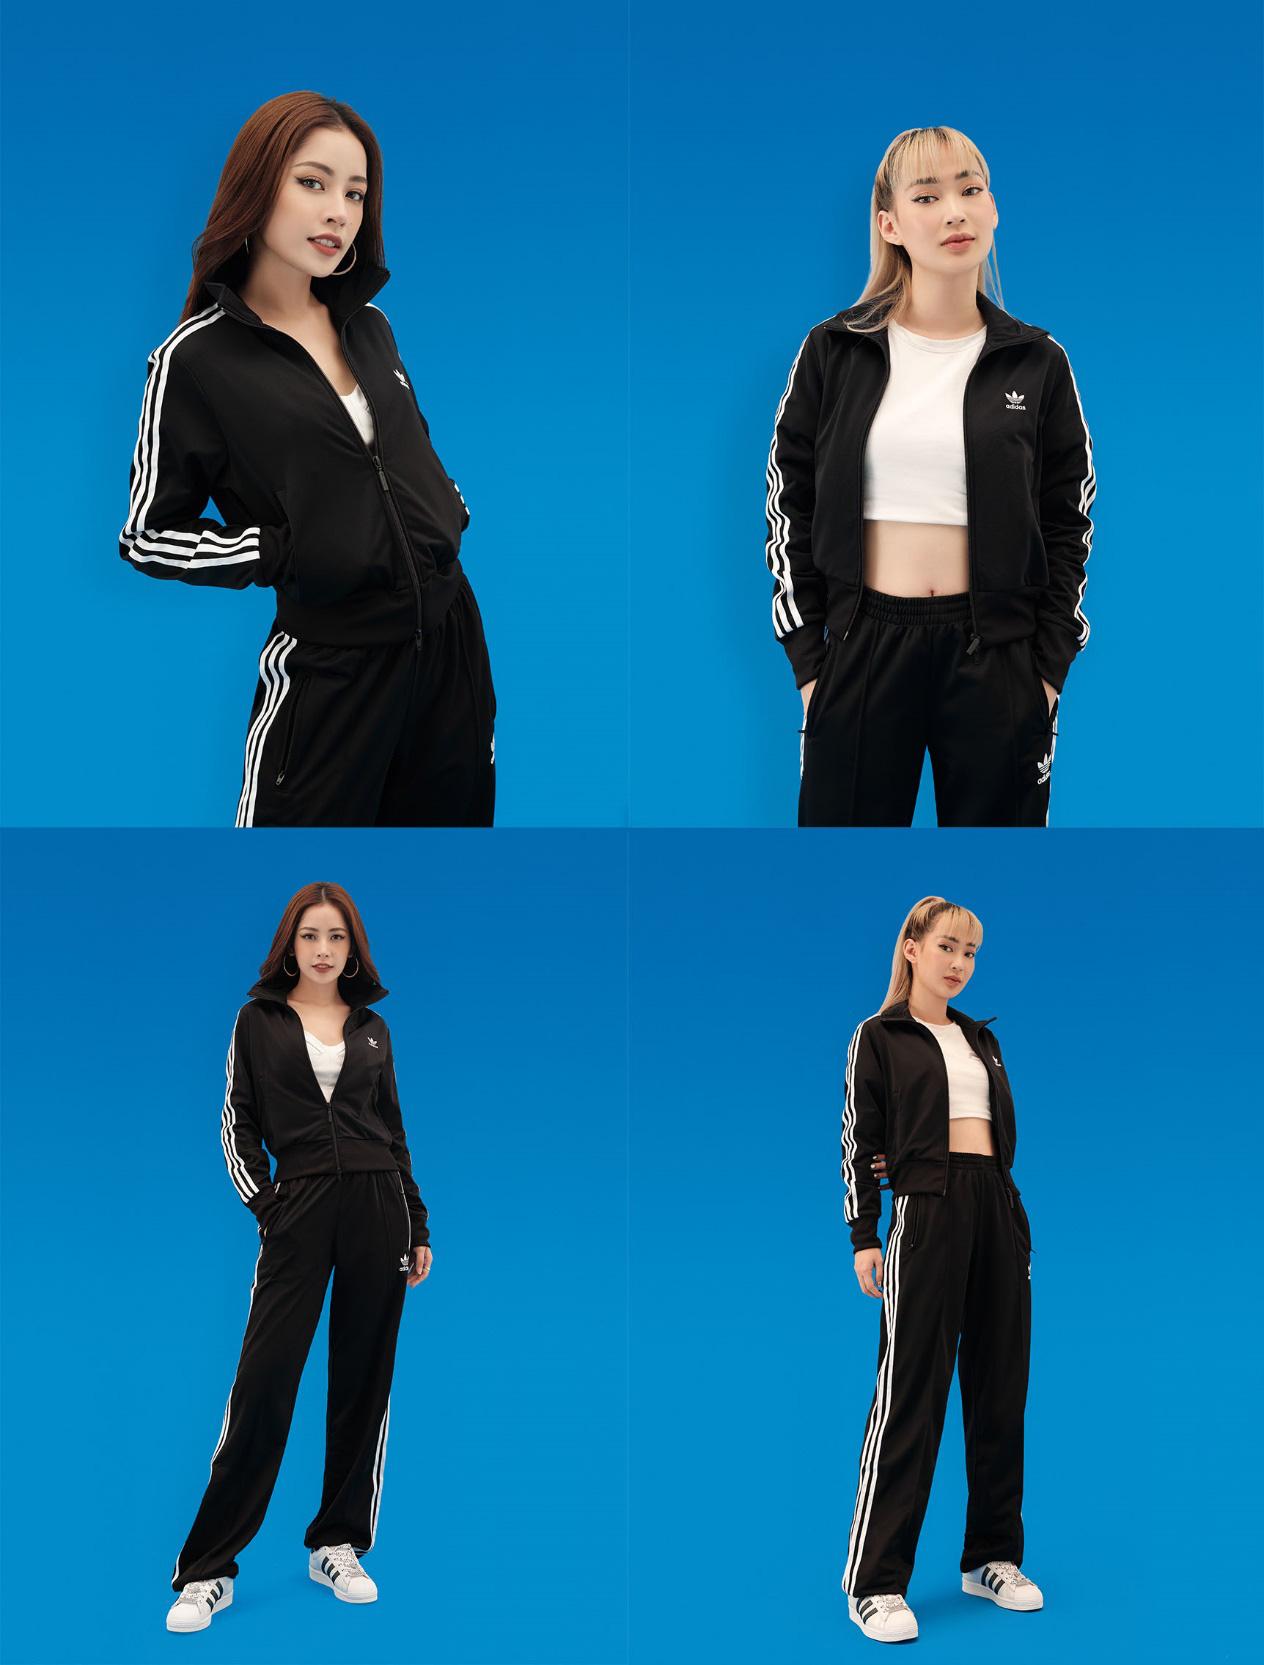 Chẳng cần lên đồ lồng lộn, Blackpink cùng chị em Chi Pu vẫn thể hiện thần thái ngút trời trong set đồ kinh điển nhà adidas - Ảnh 1.